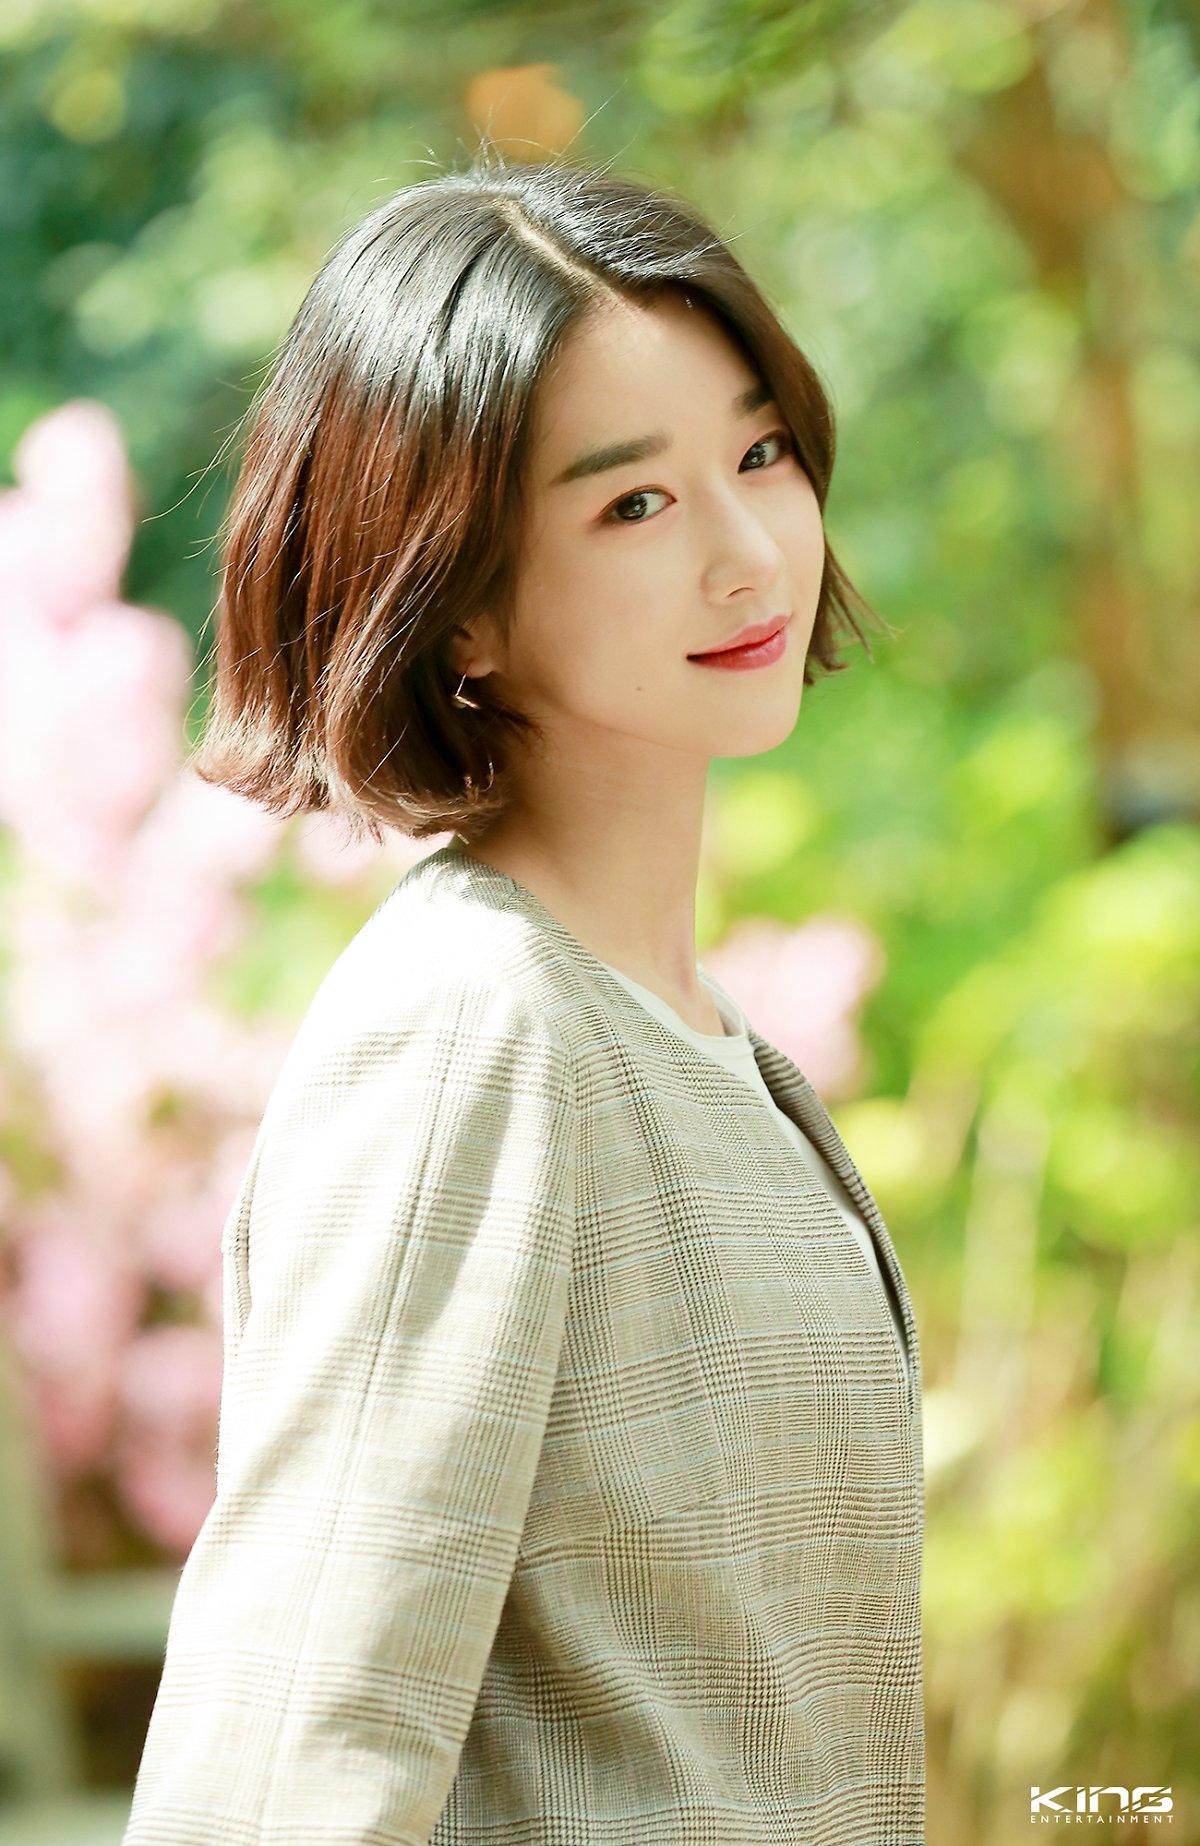 Neitzen tranh cãi nảy lửa khi so kè mái tóc của Seo Ye Ji: Người khen tóc dài sang, người lại bảo tóc ngắn trẻ hơn - Ảnh 8.